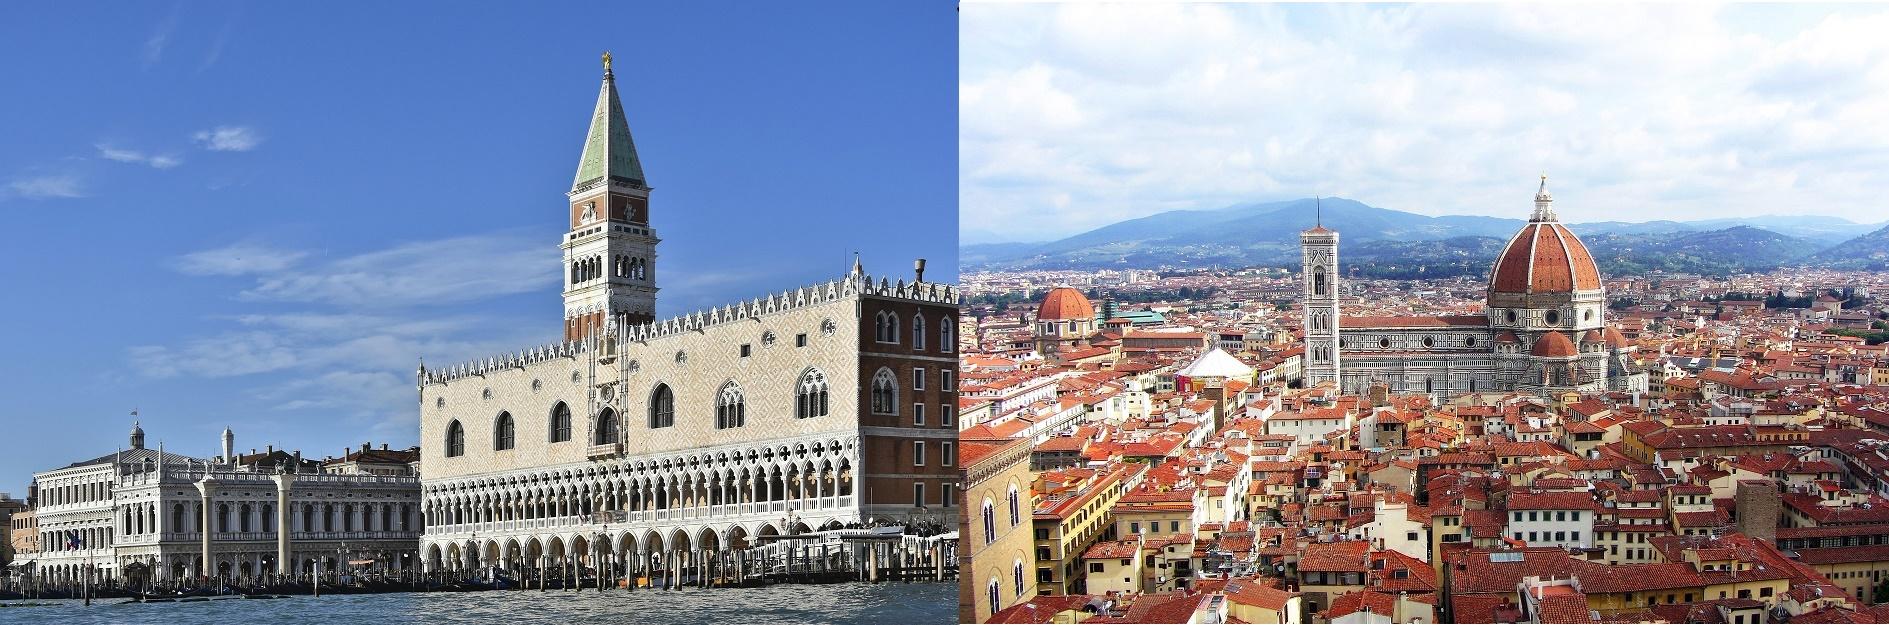 Venezia Firenze